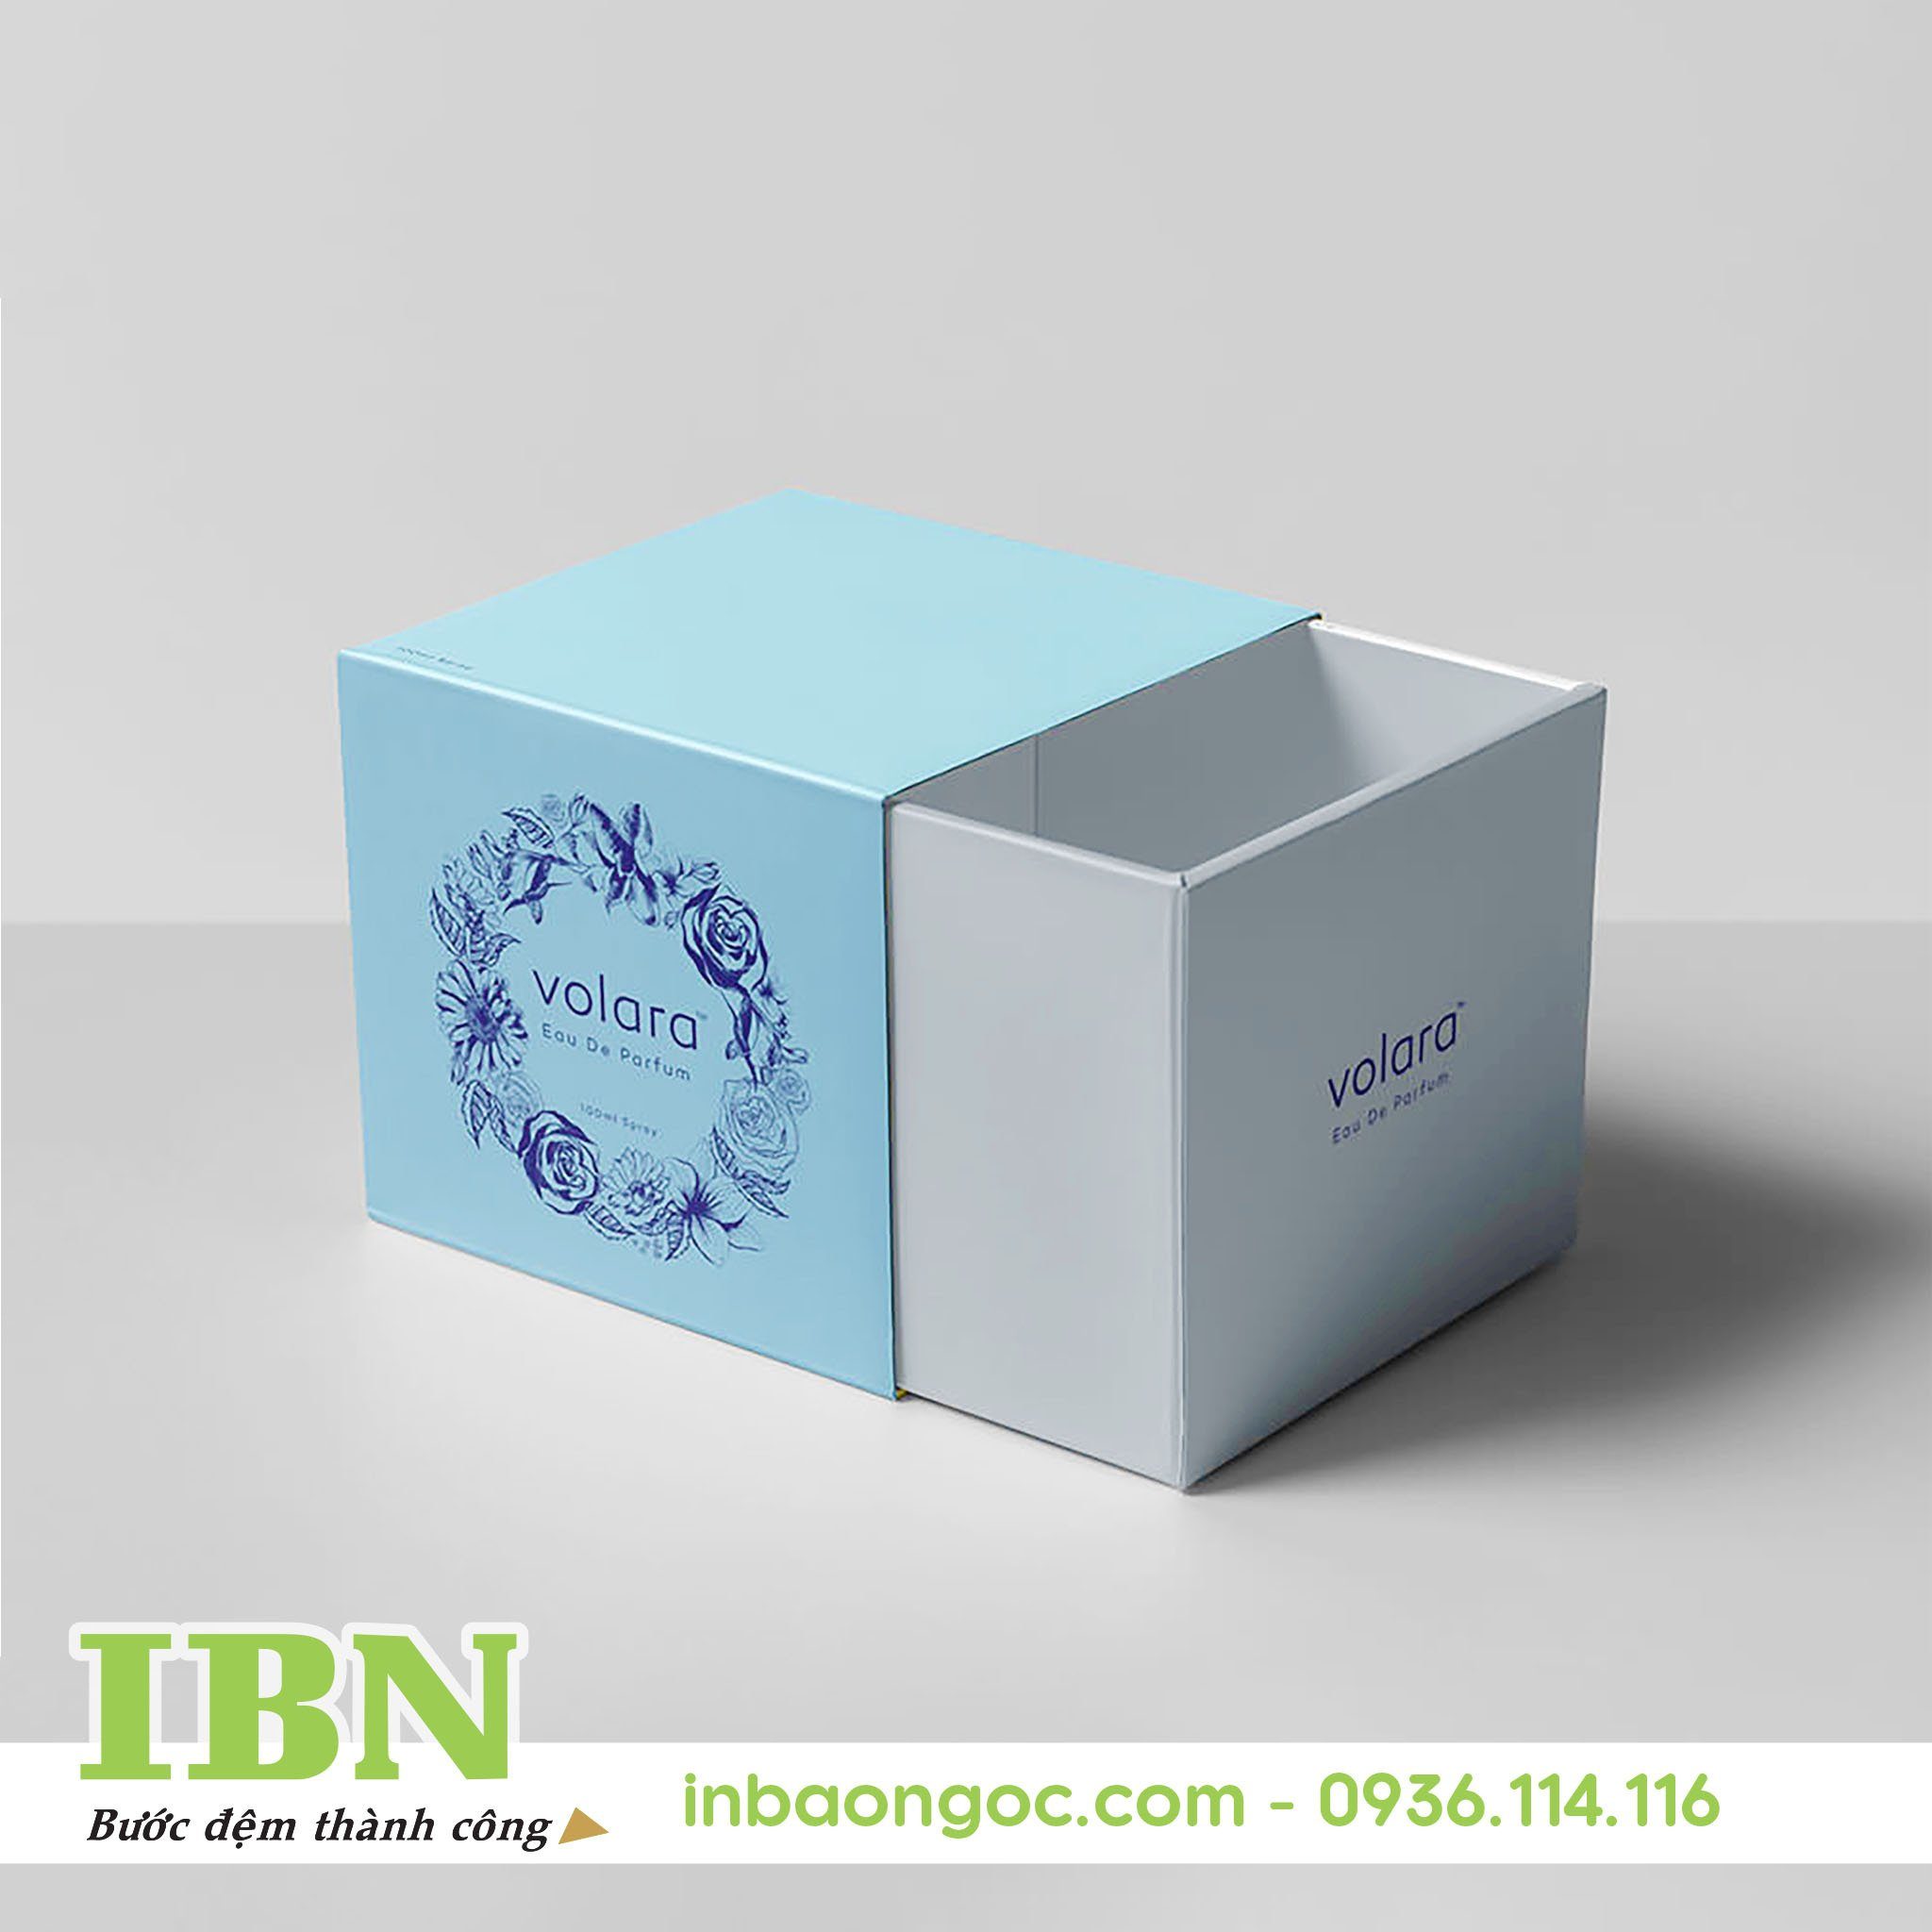 thiết kế hộp giấy đẹp